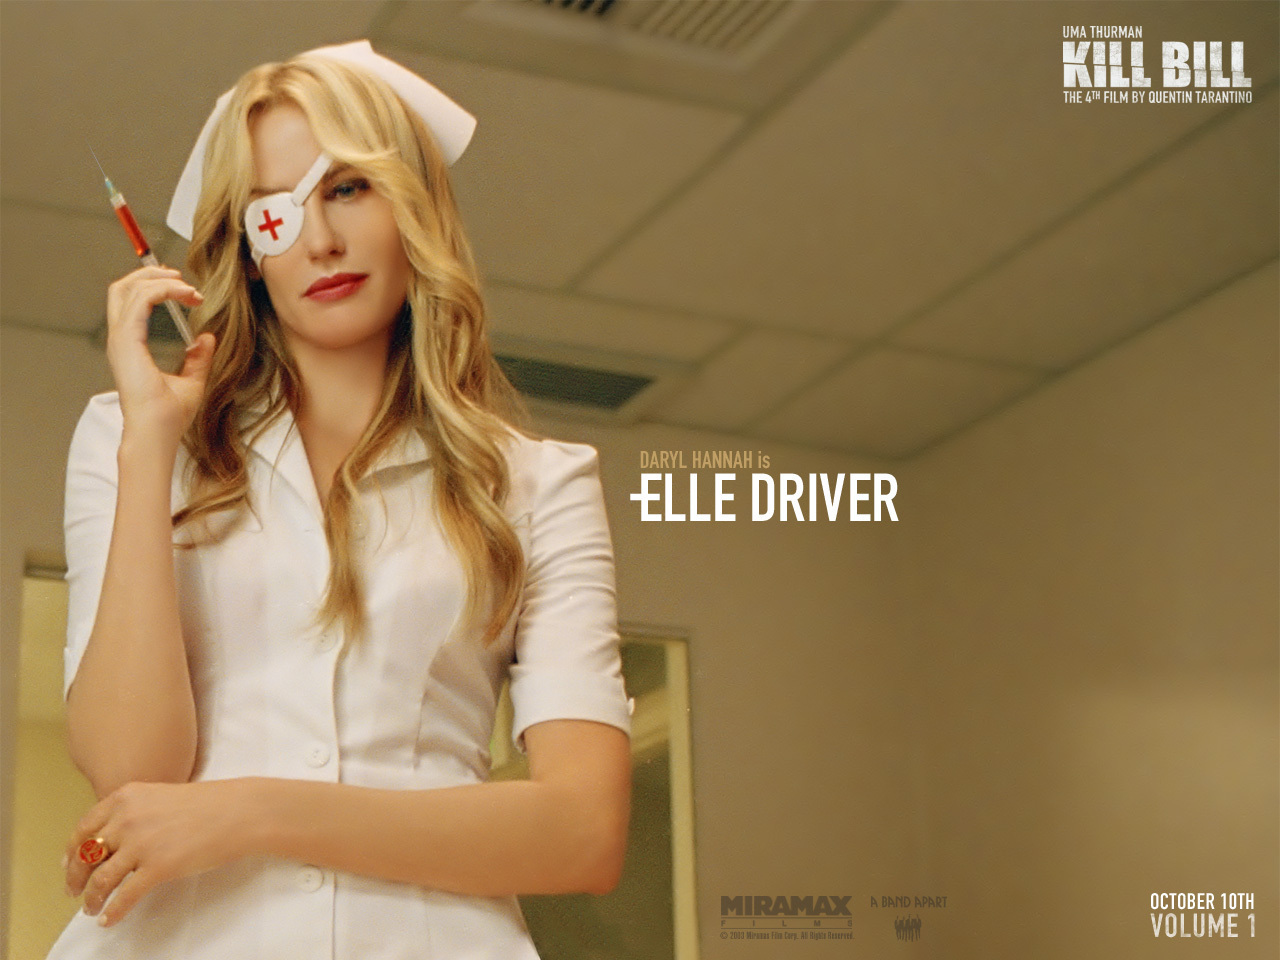 image Kung fu nurses a go go 2 cd2